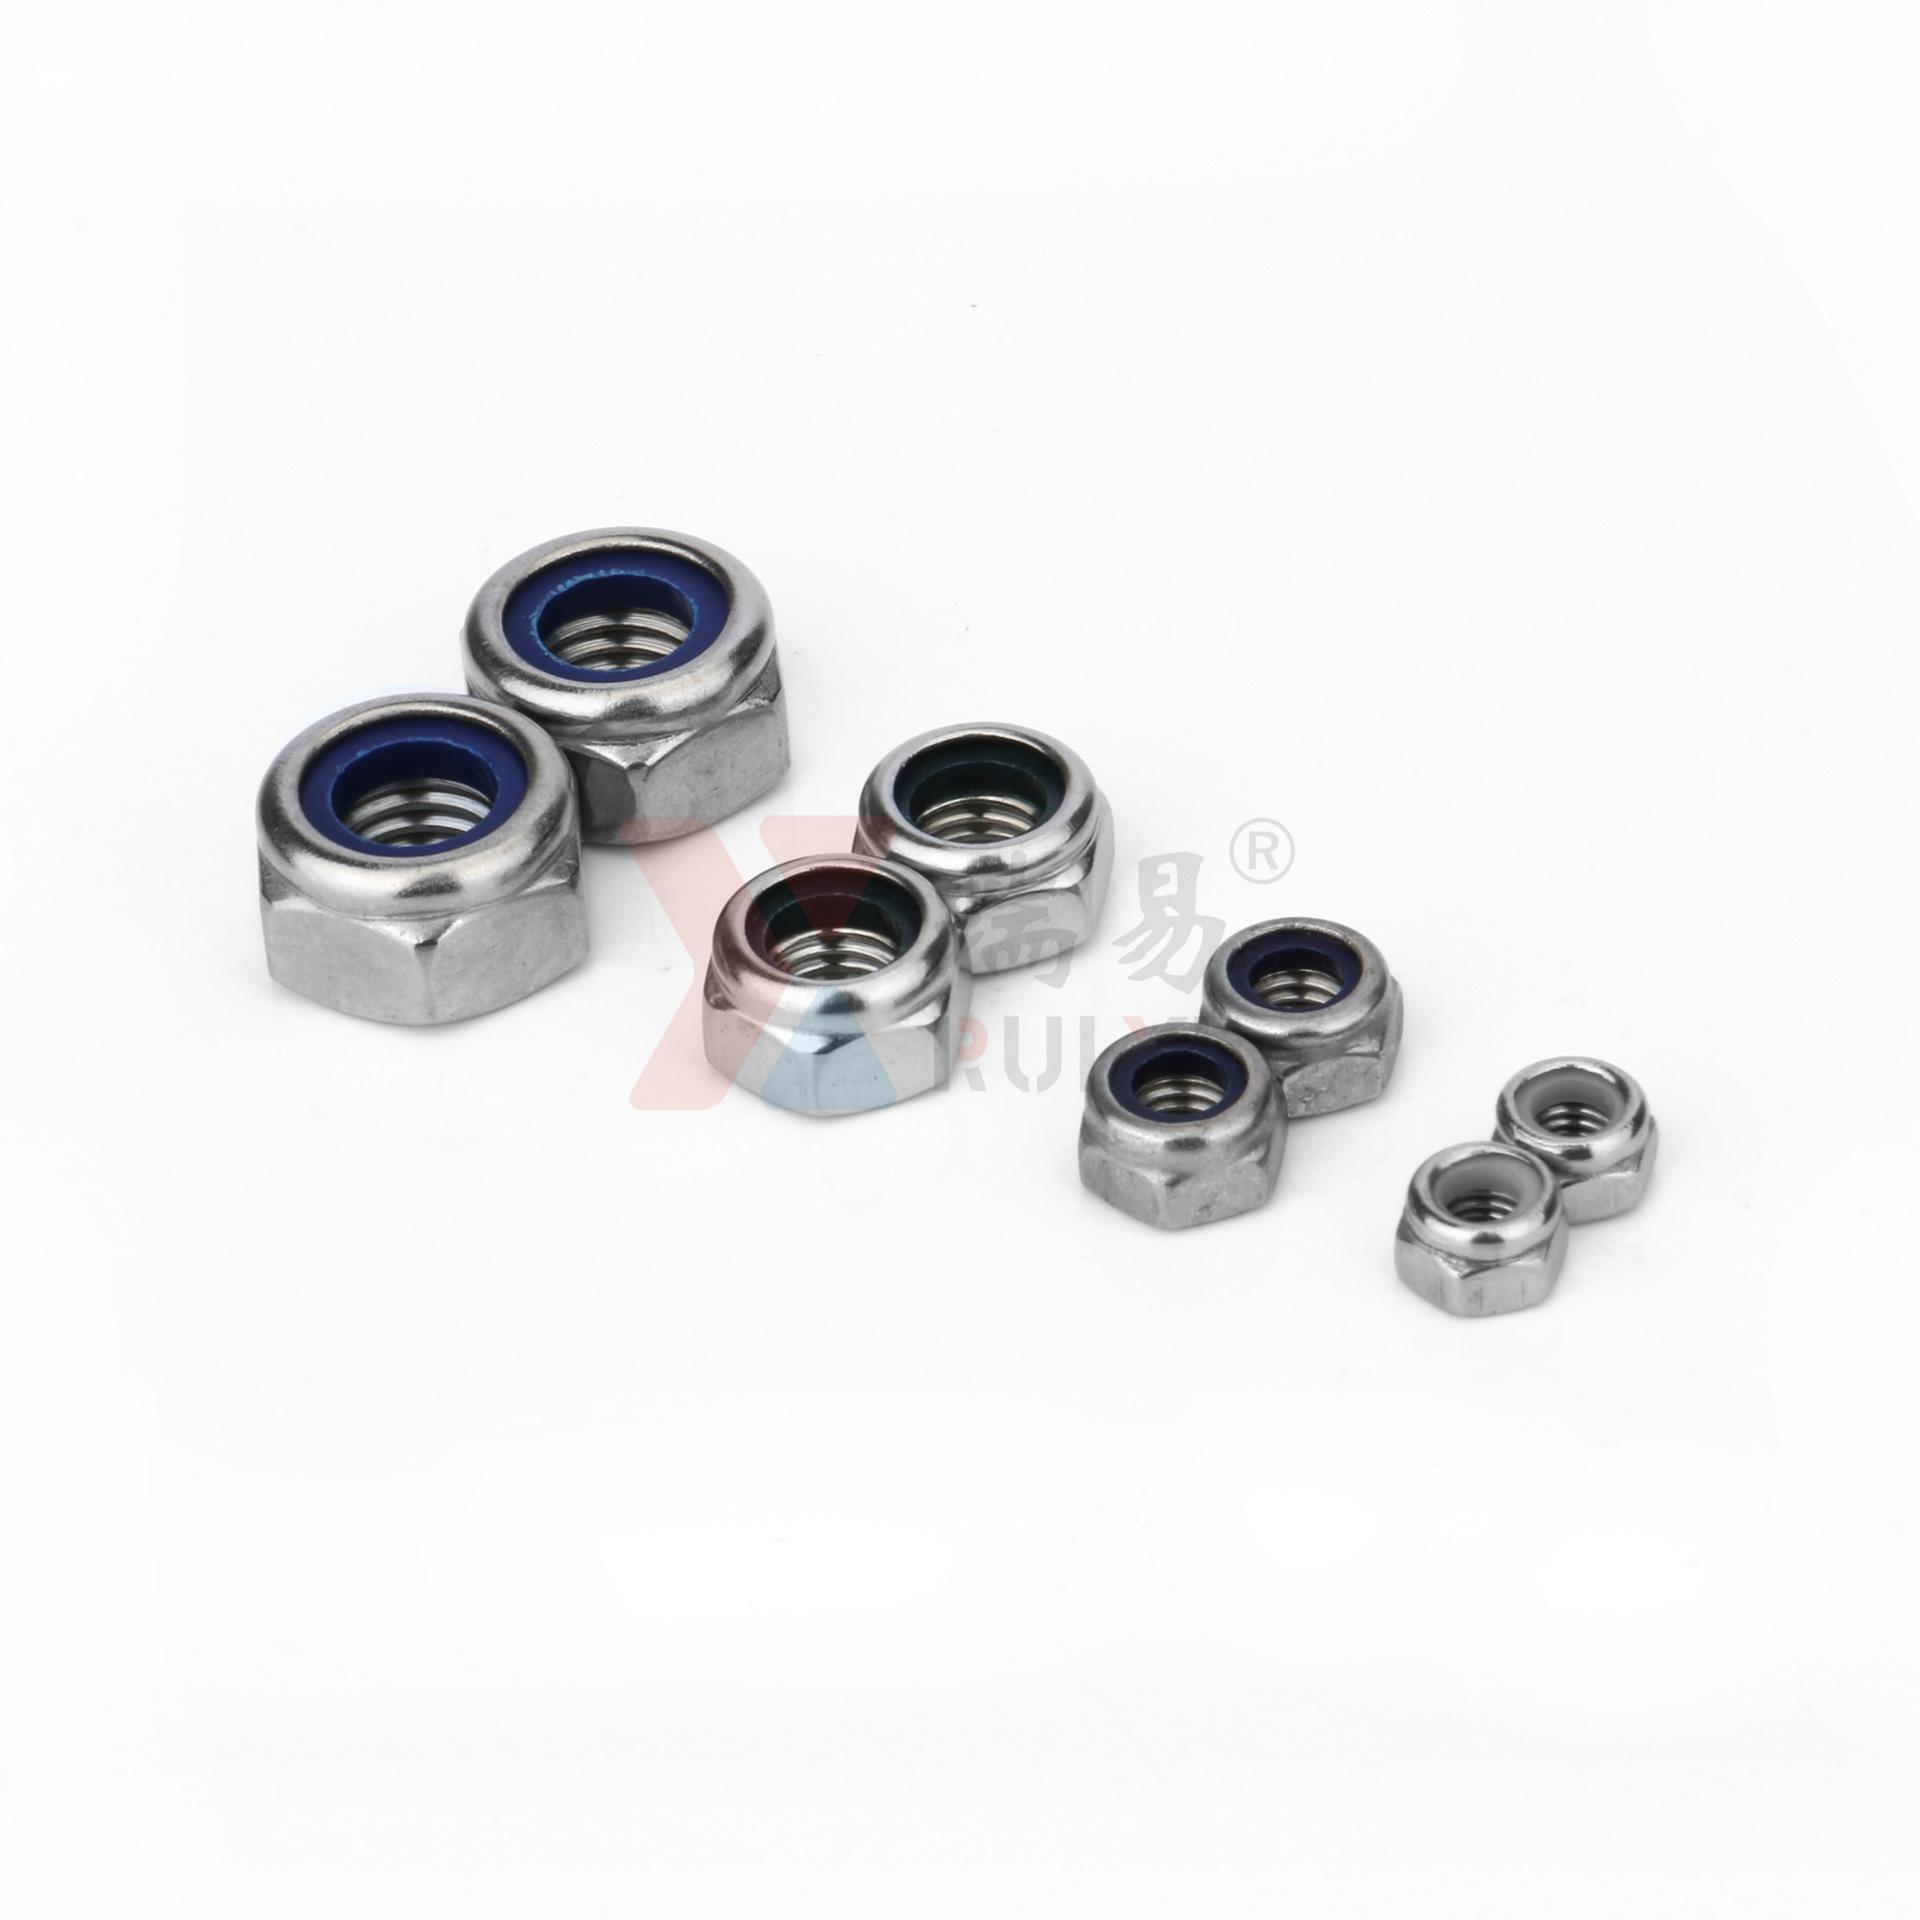 RUIYI Tán Đai ốc bằng thép không gỉ 304 đai ốc DIN985 tự khóa Đai ốc không kim loại M2-M36